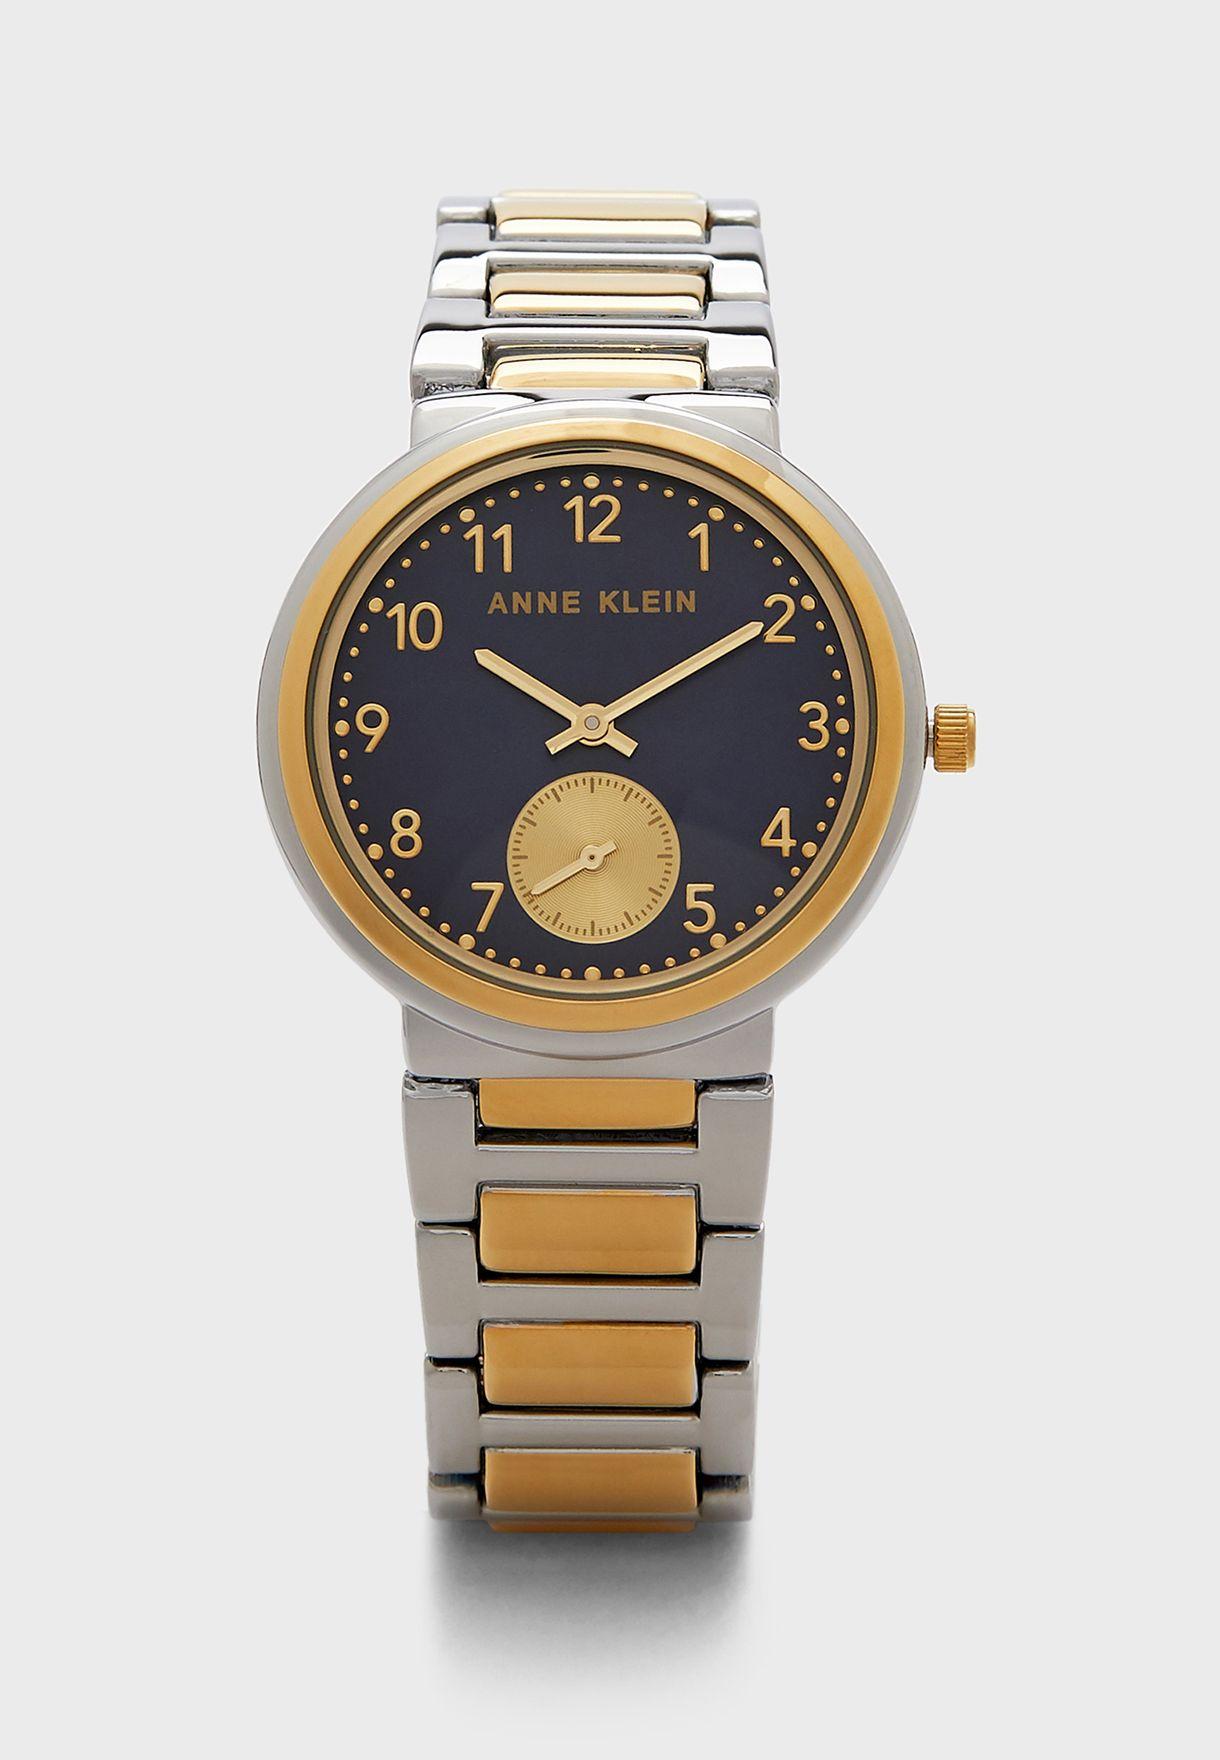 ساعة بحزام ستيل من لونين